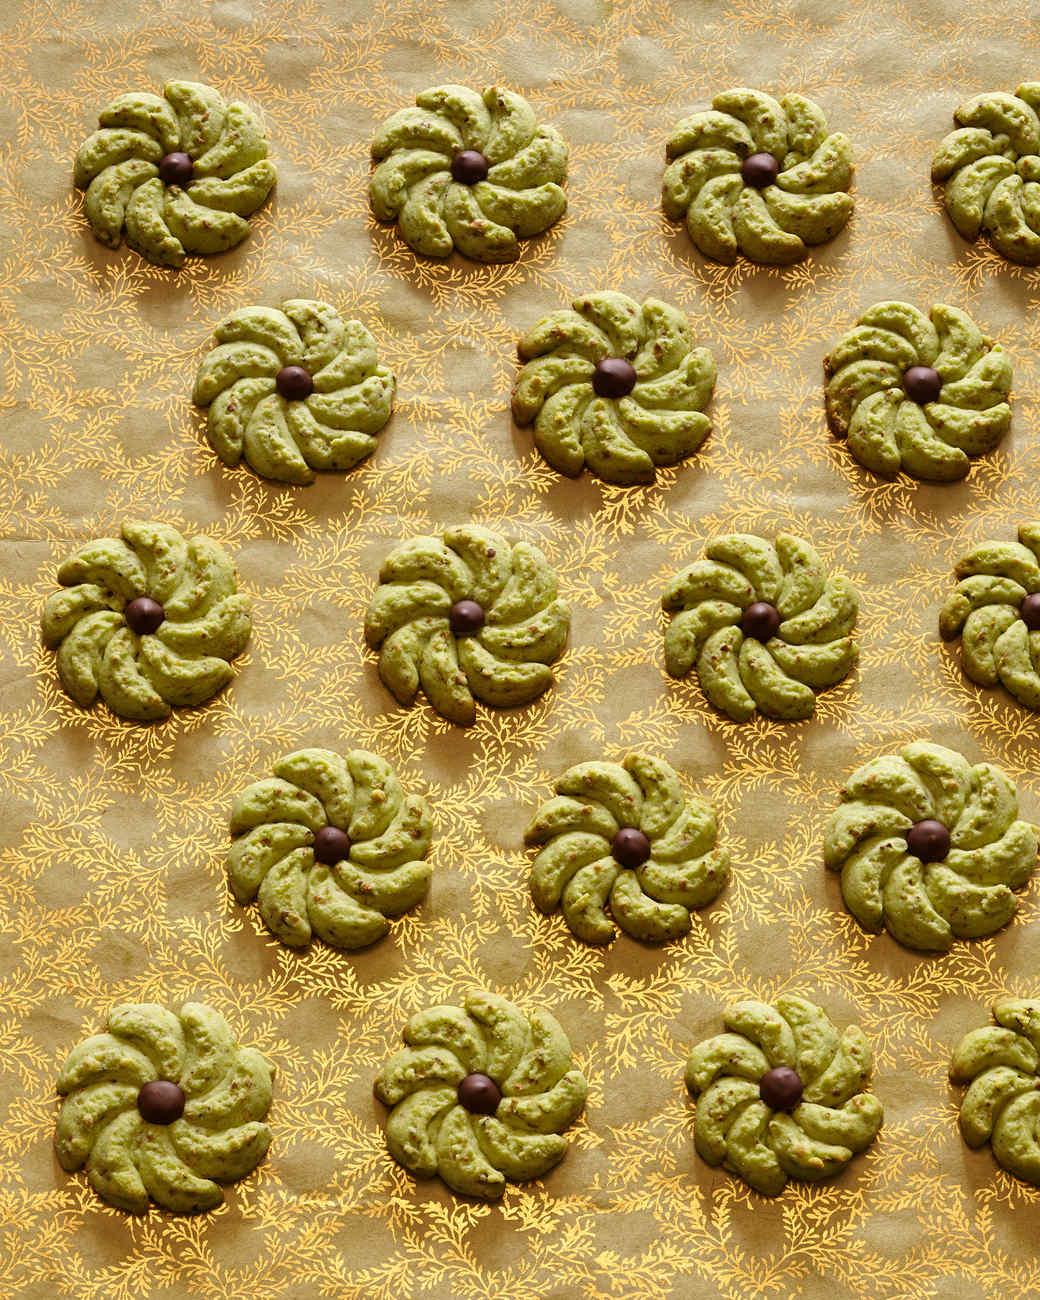 pistachio-spritz-099-n-d111507.jpg